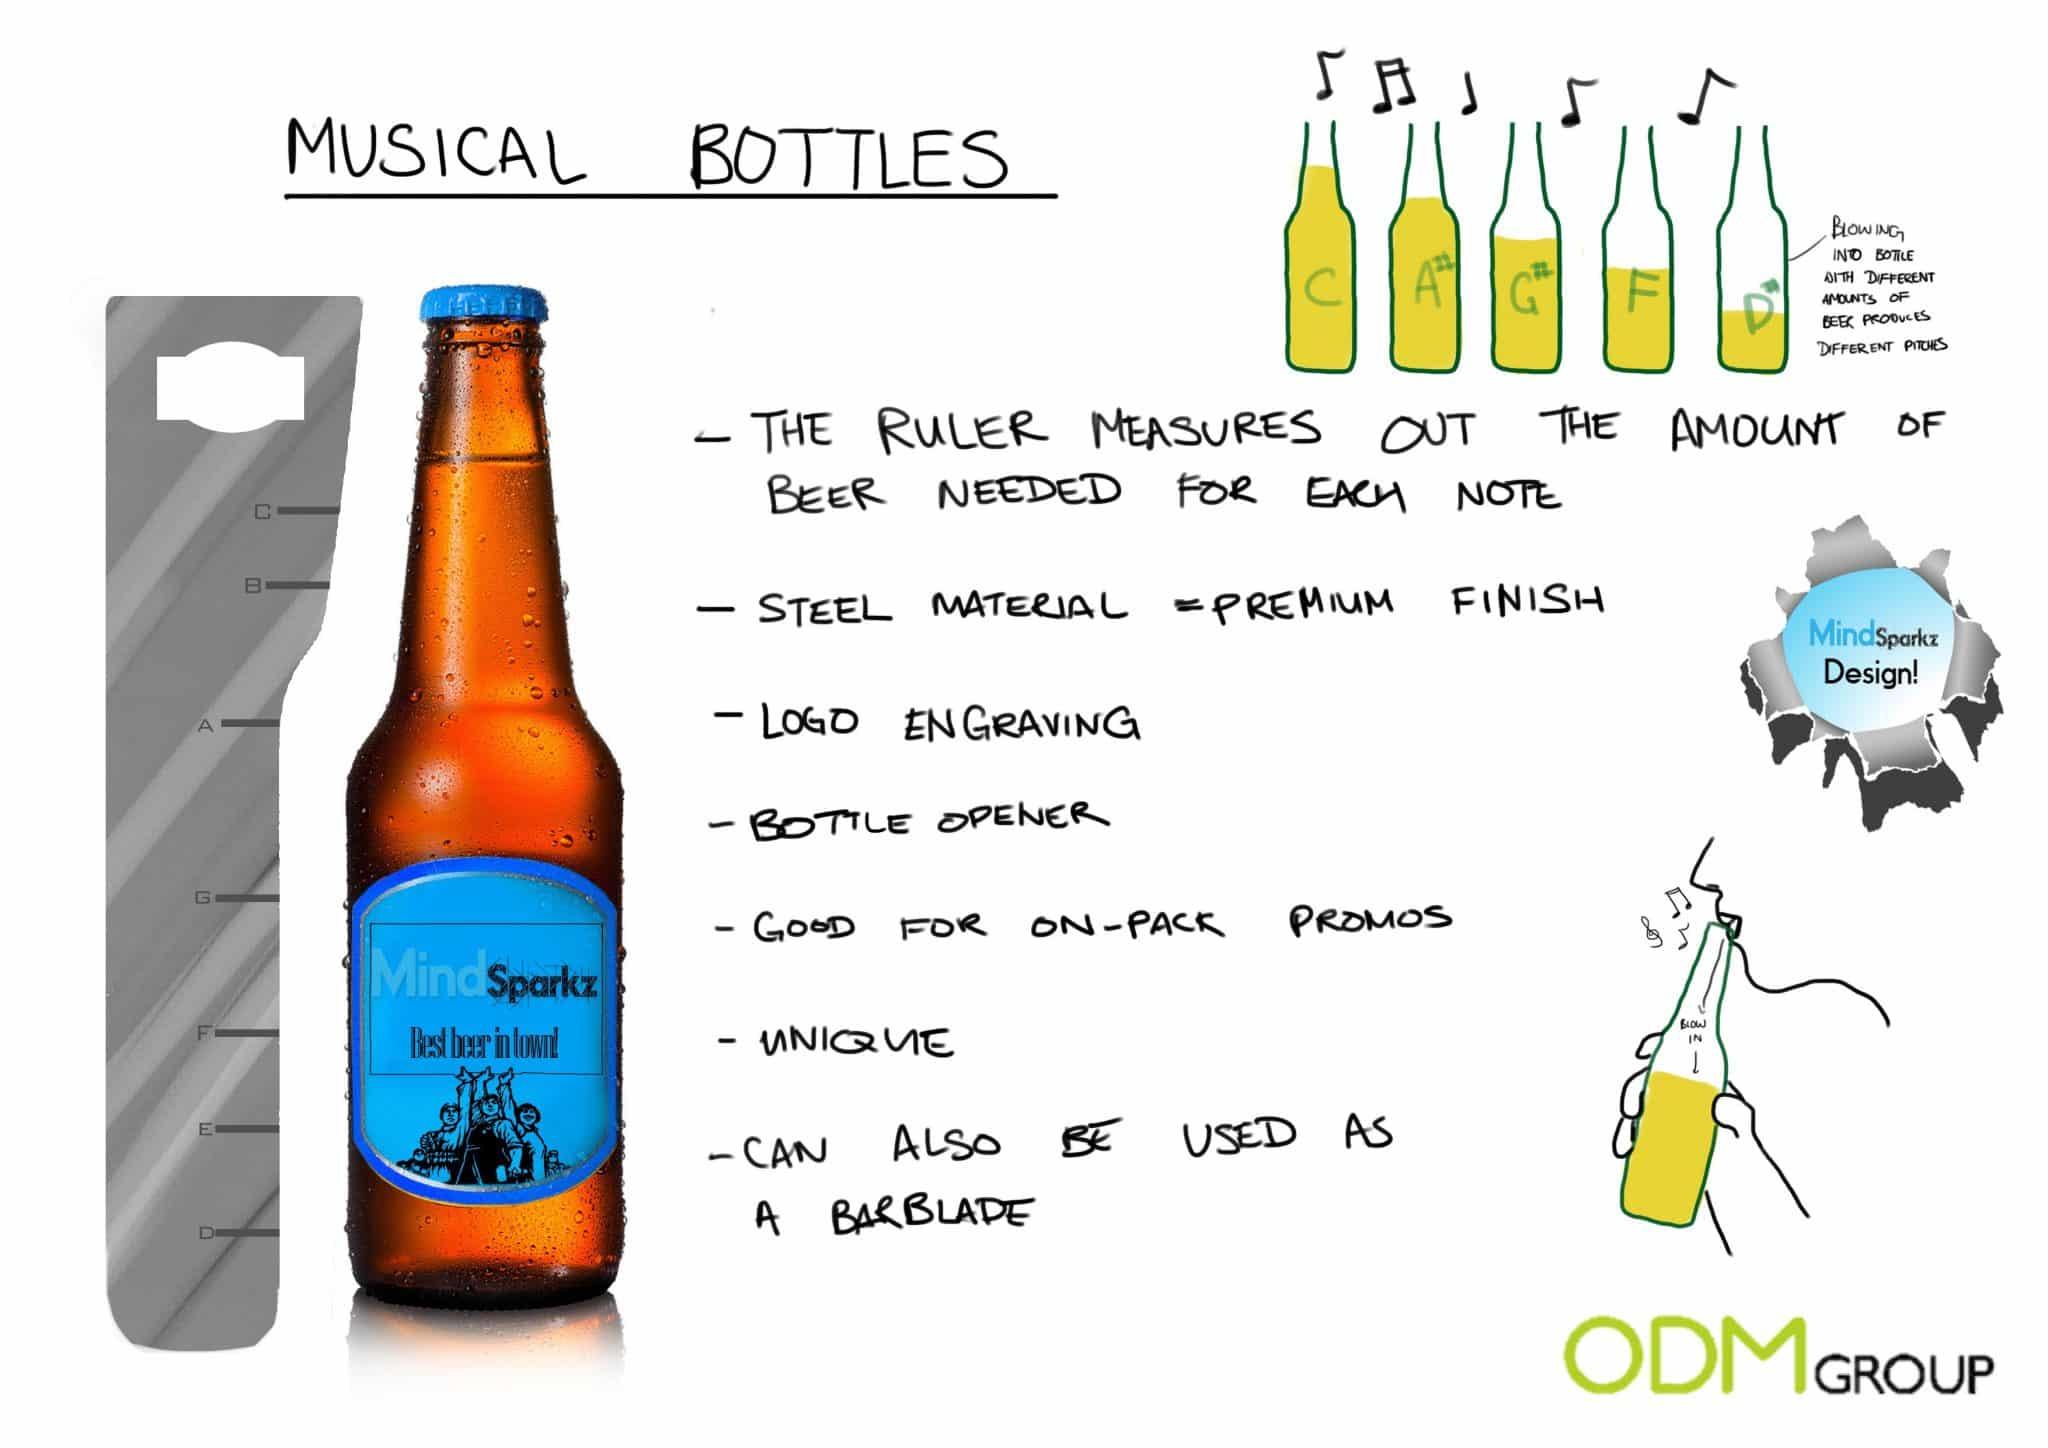 New original design beer bottle openers